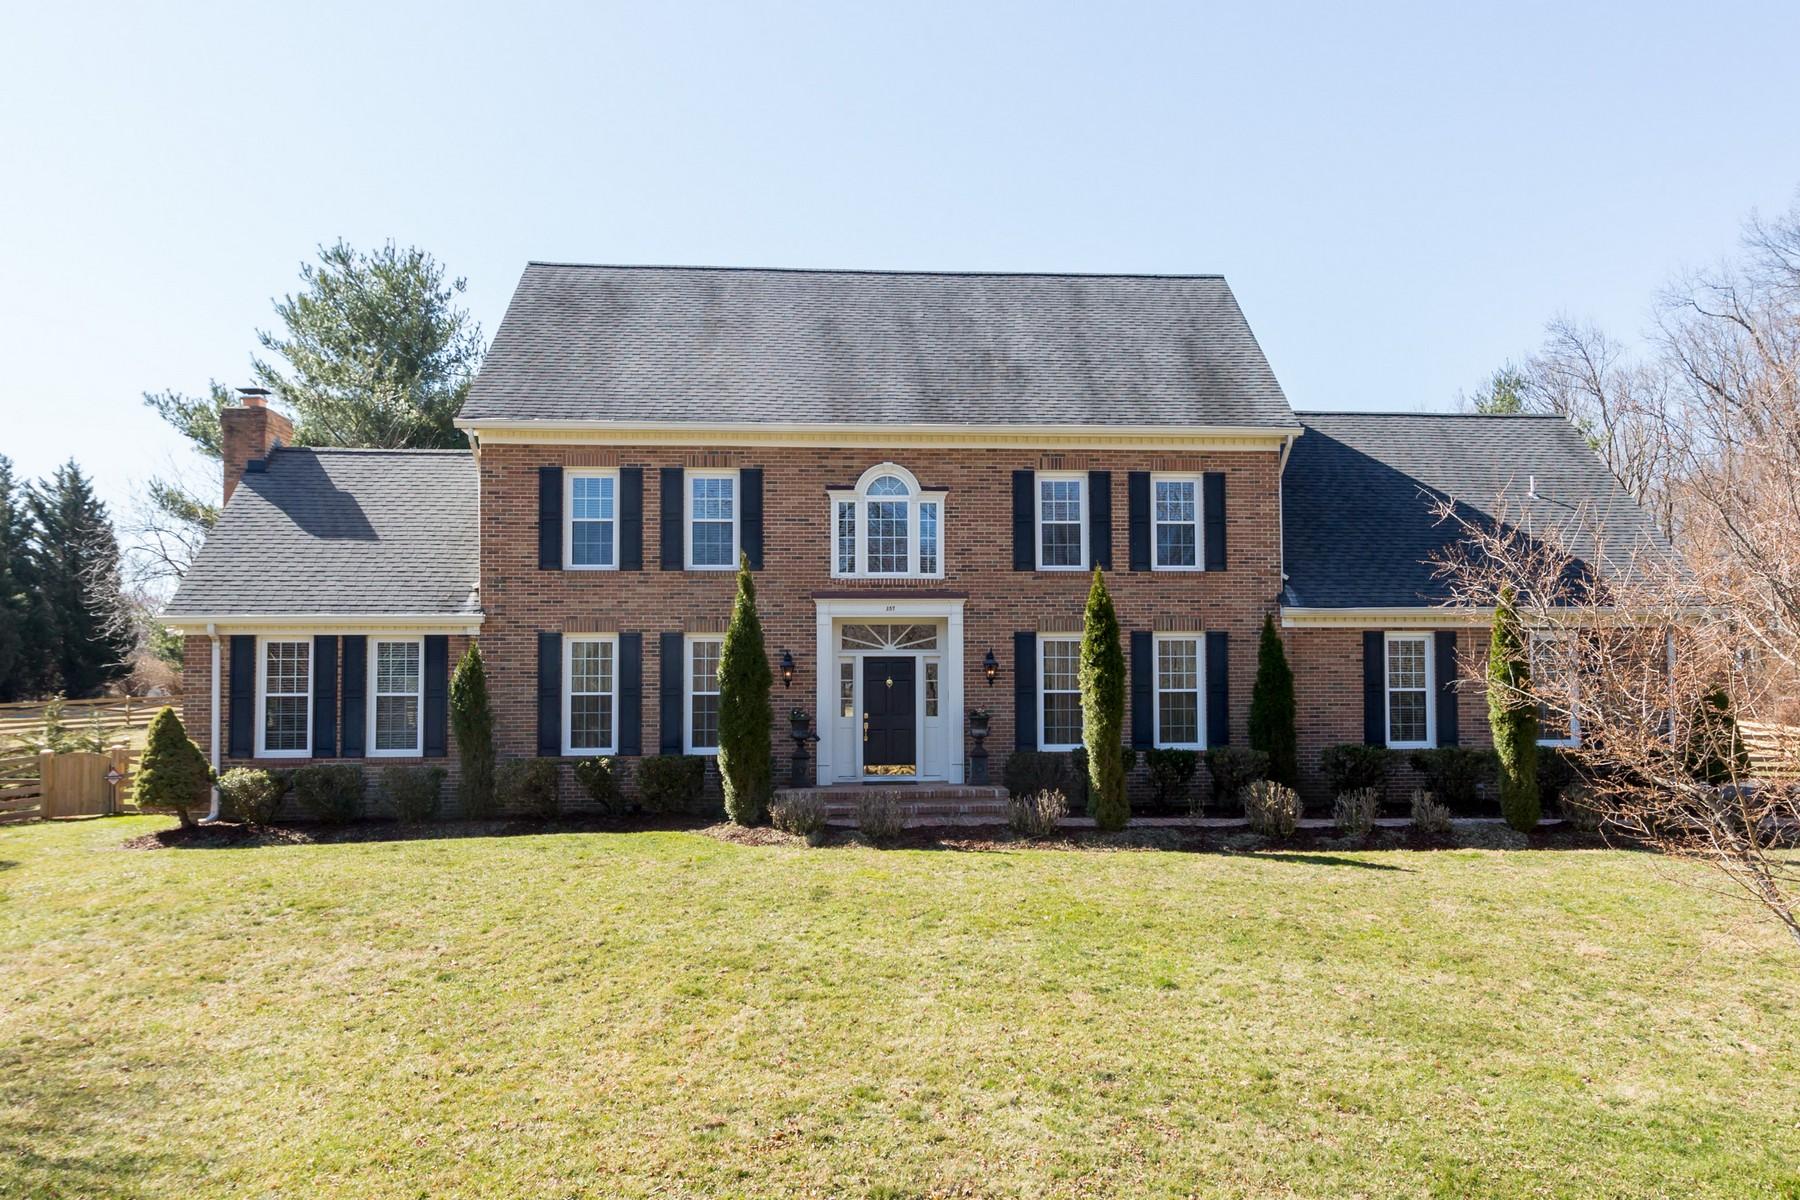 Частный односемейный дом для того Продажа на 357 Gallop Wood, Great Falls 357 Gallop Wood Pl Great Falls, Виргиния 22066 Соединенные Штаты